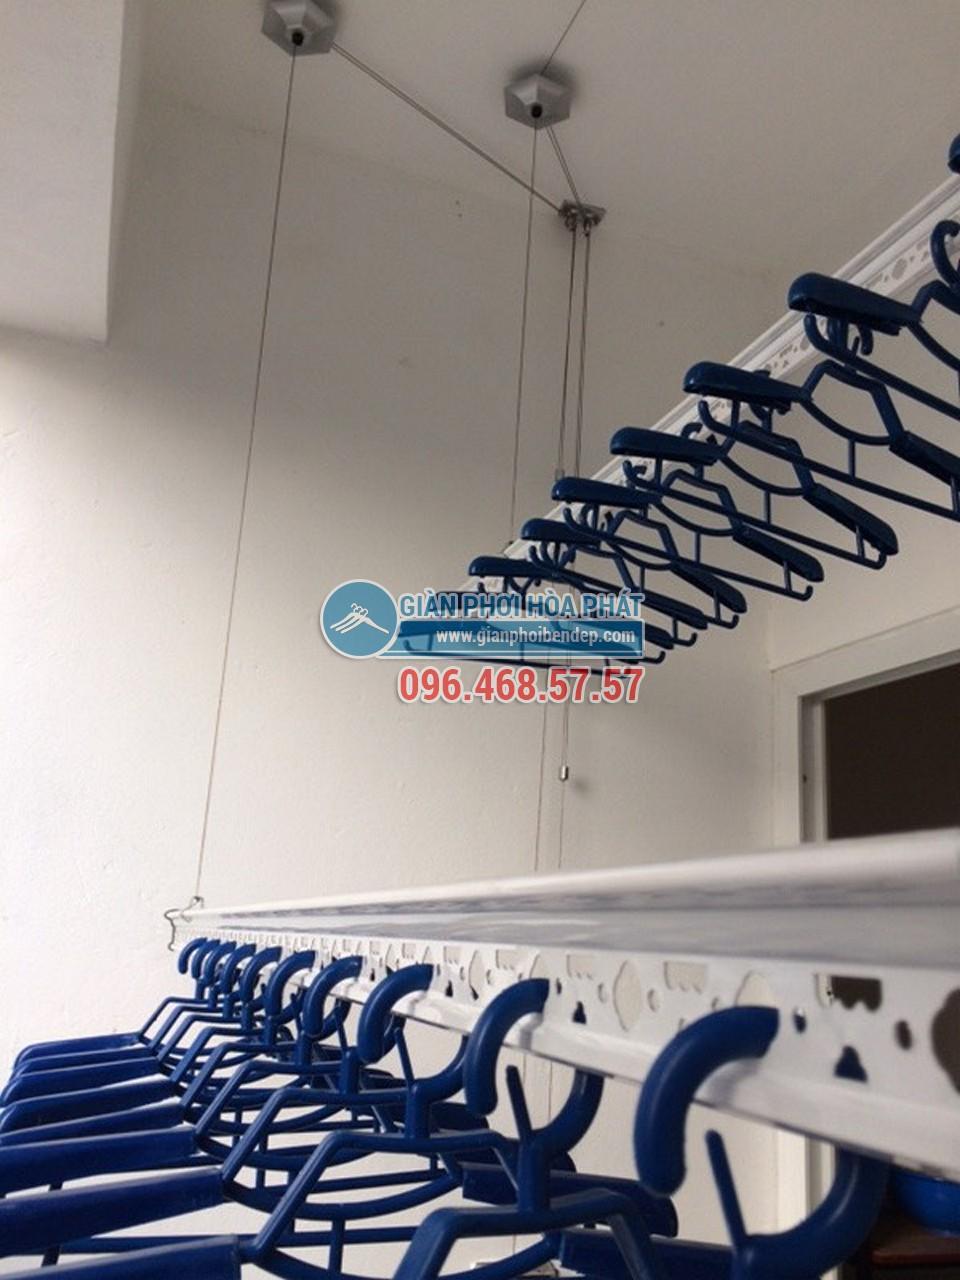 Lắp đặt giàn phơi thông minh tại ban công nhà chị Thảo, AZ Sky Tower Định Công